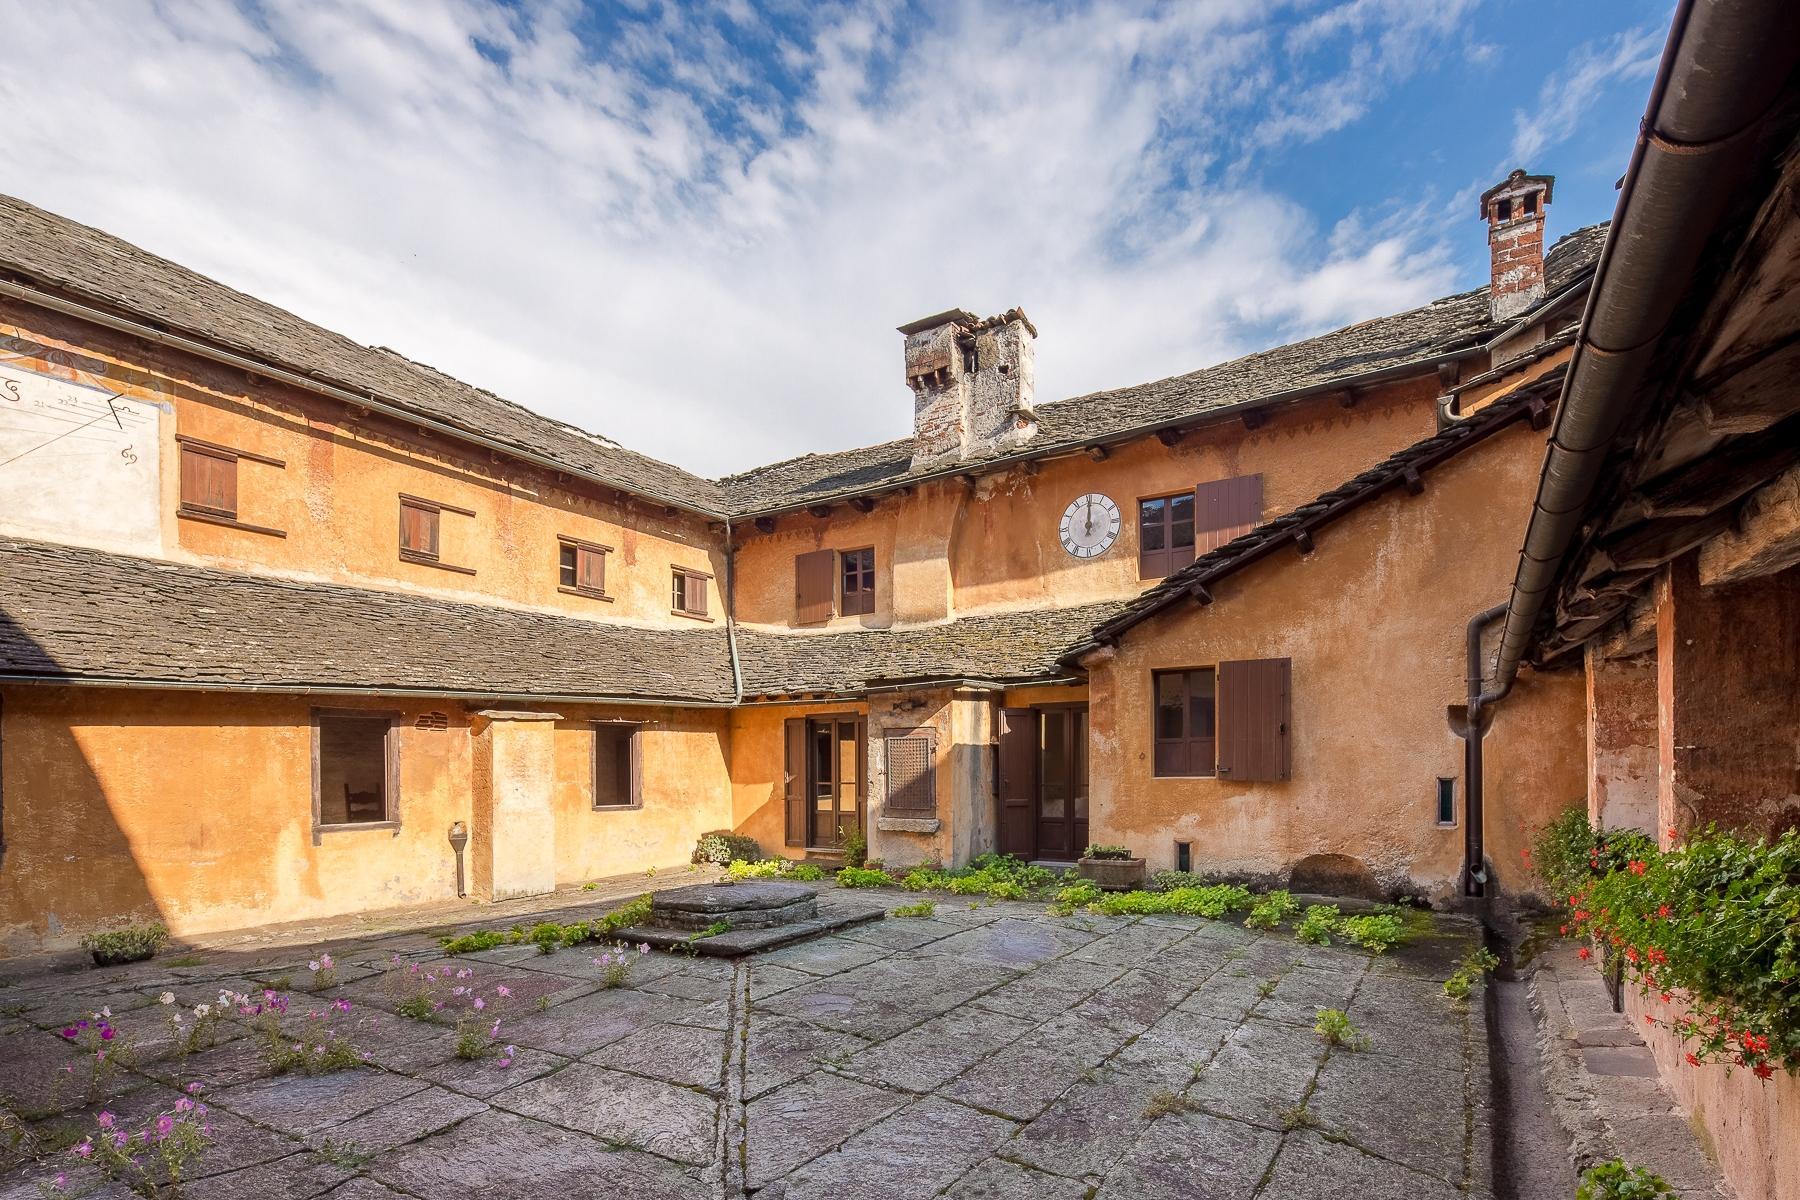 Бывший монастырь и вилла 19 века на Сакро-Монте - Орта Сан Джулио - 25